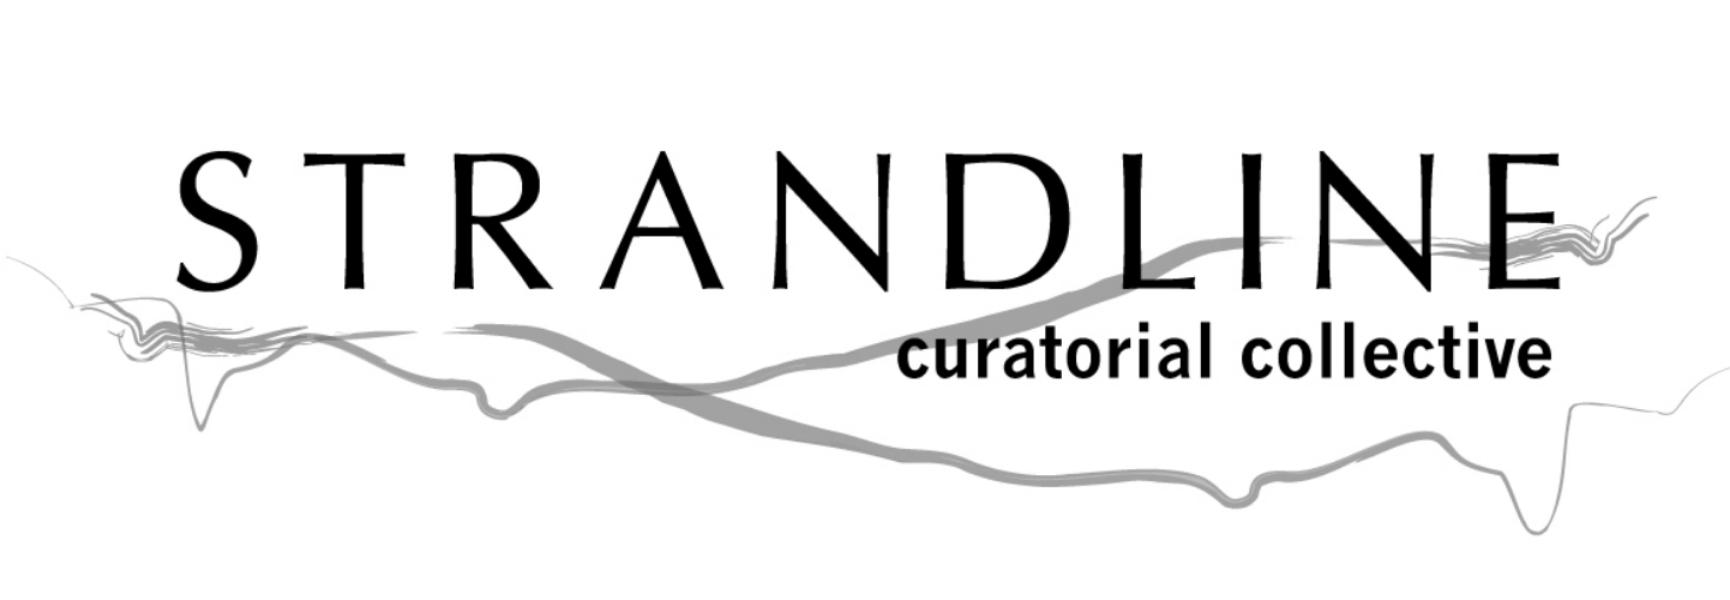 strandline-logo_2014.jpg